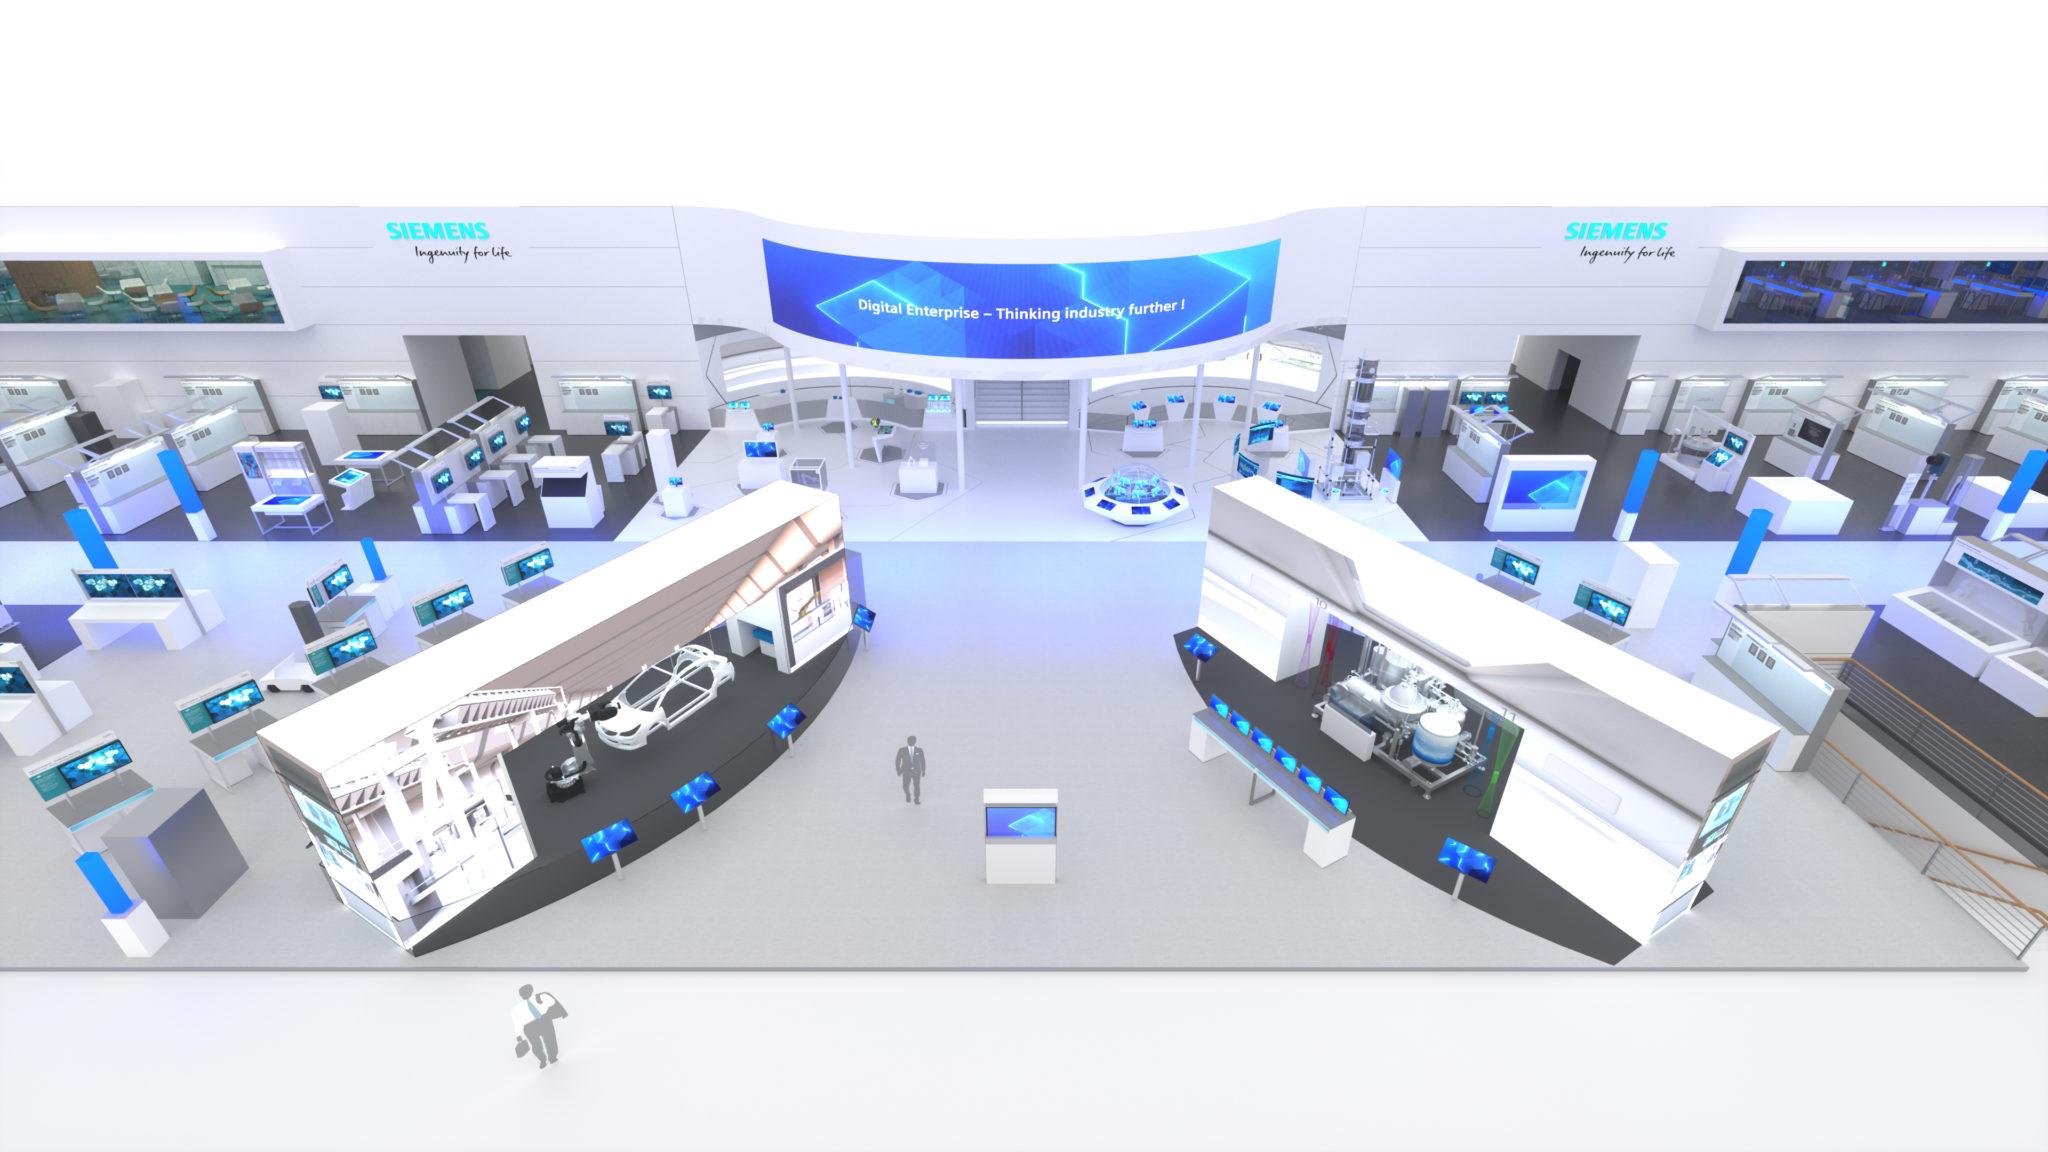 Siemens contará con un escaparate específicamente para la industria automotriz donde mostrará una producción flexible y eficiente de baterías y coches eléctricos (Siemens)